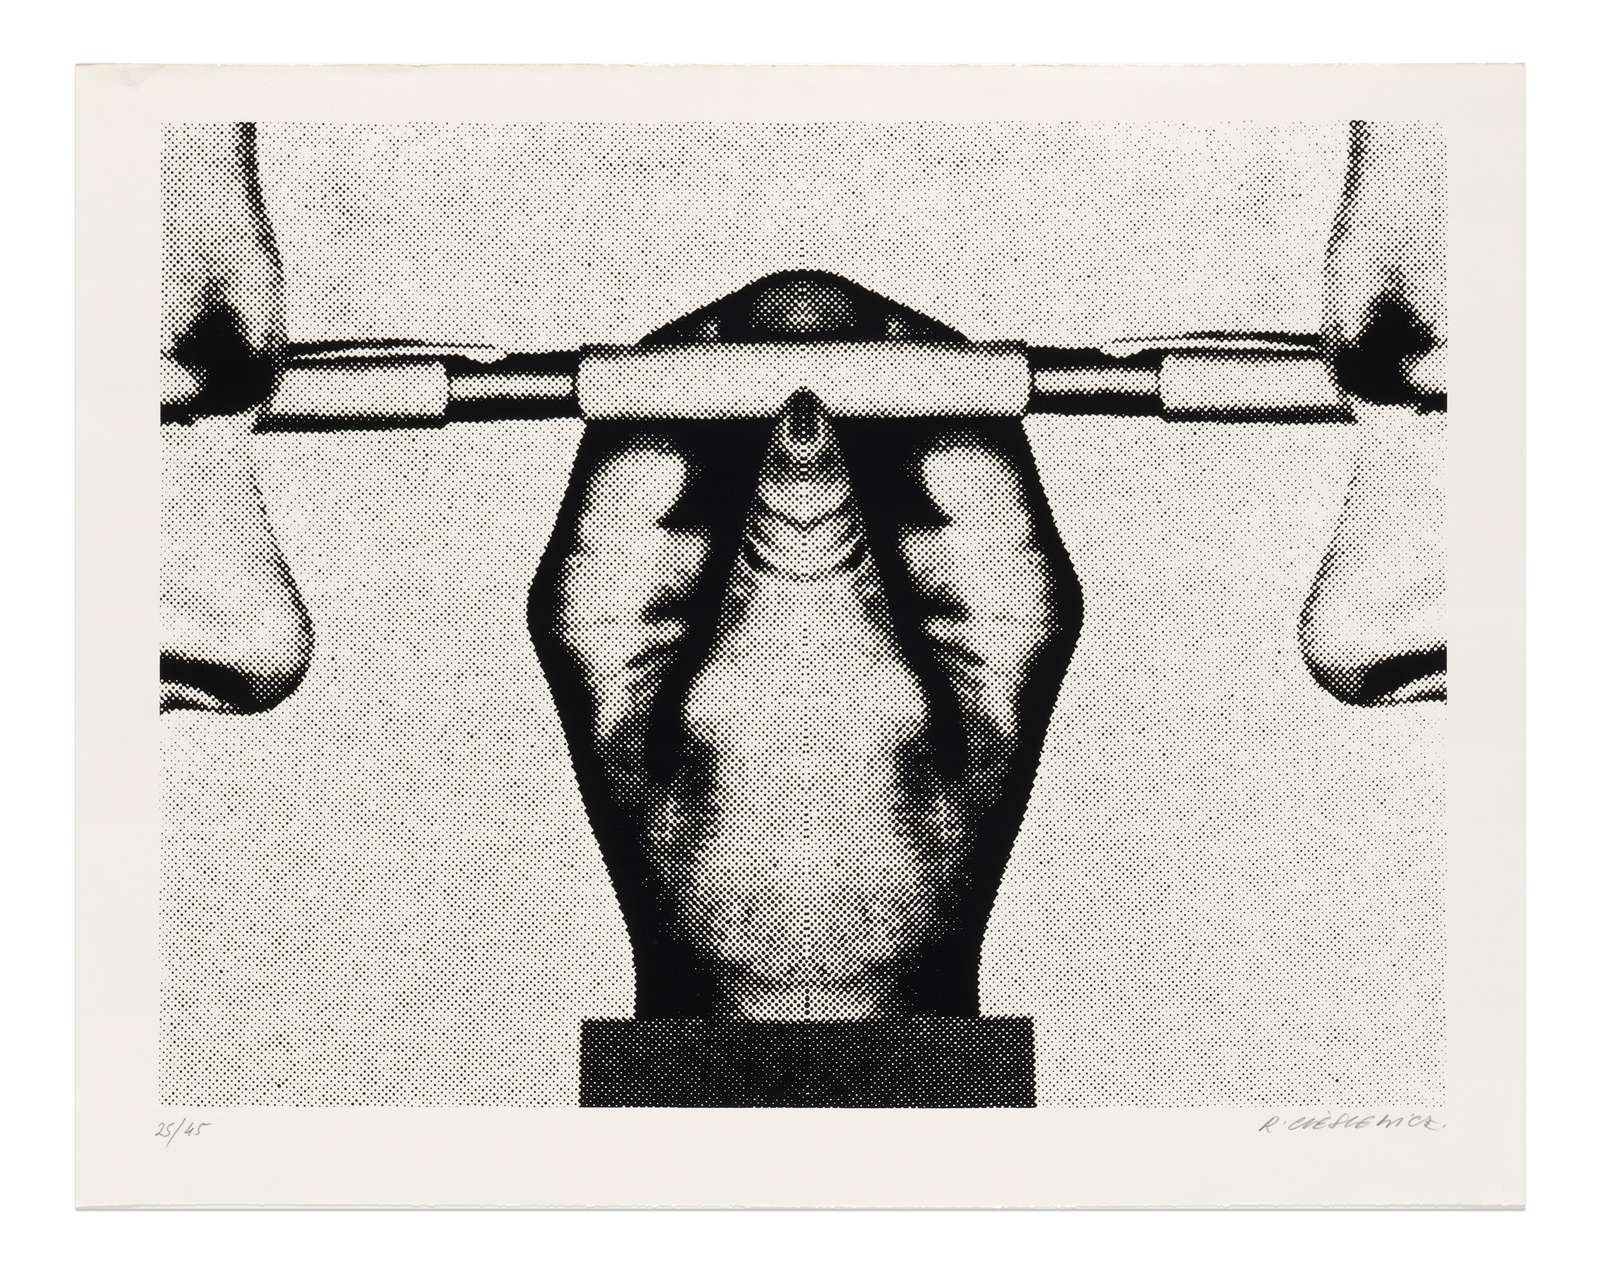 Roman Cieslewicz, Parallèle, 1974 Sérigraphie - Édition de 45 ex.50.5 x 64 cm / 19 7/8 x 25 2/8 inches